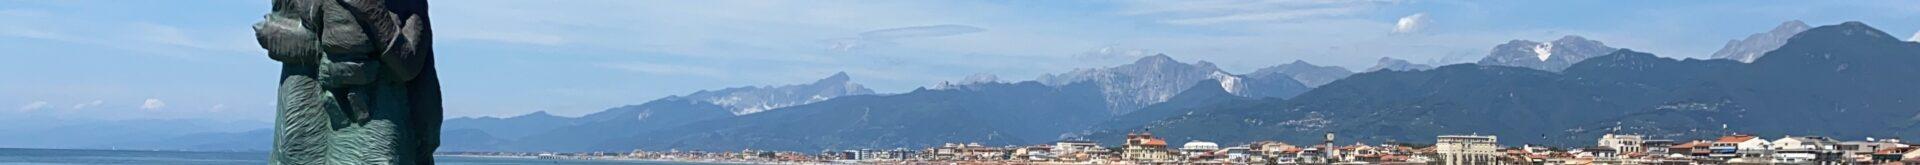 """""""Toscana, Rinascimento senza fine"""" nel segno della ripartenza"""